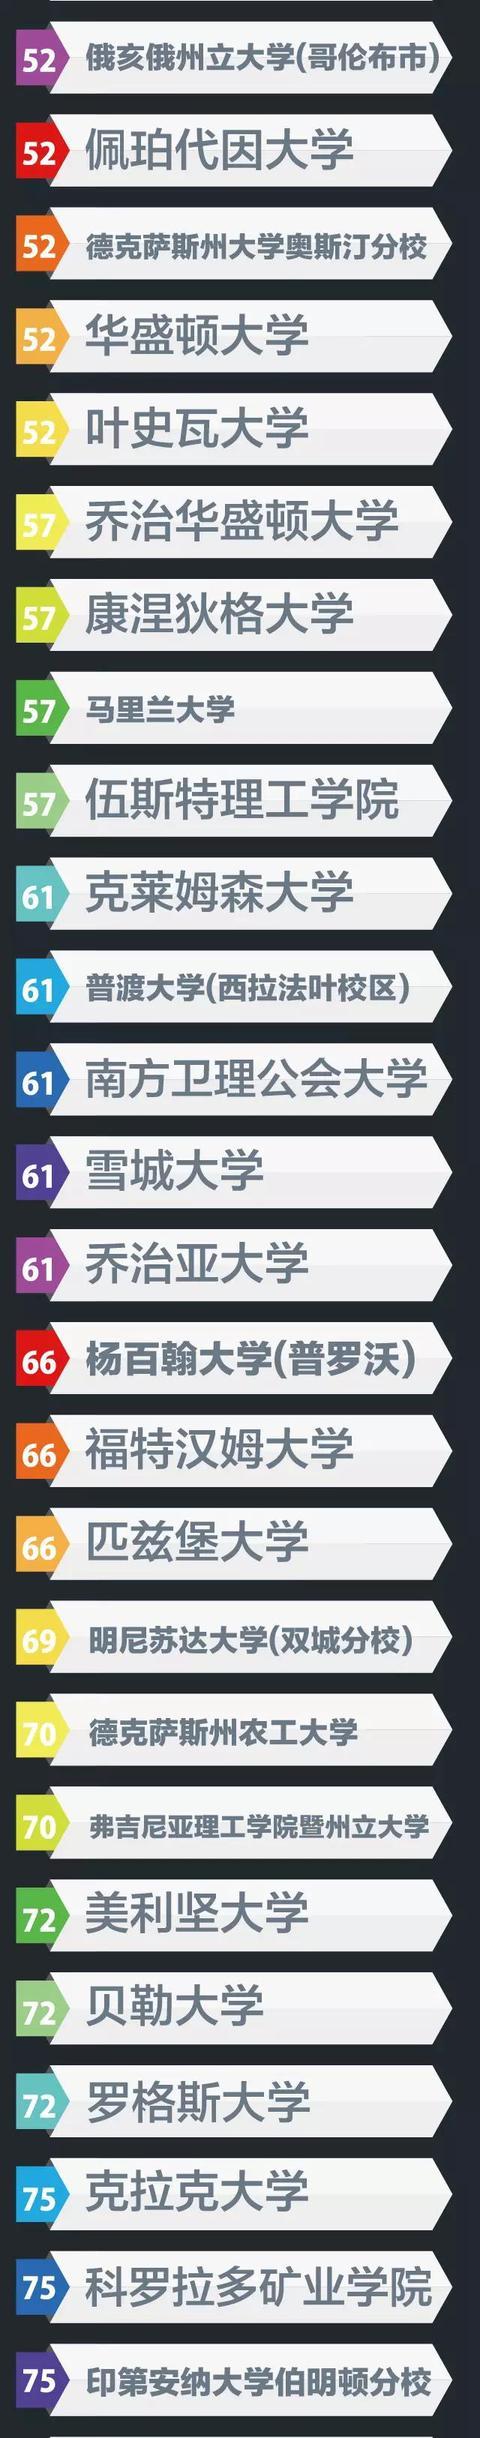 最佳大学排行榜